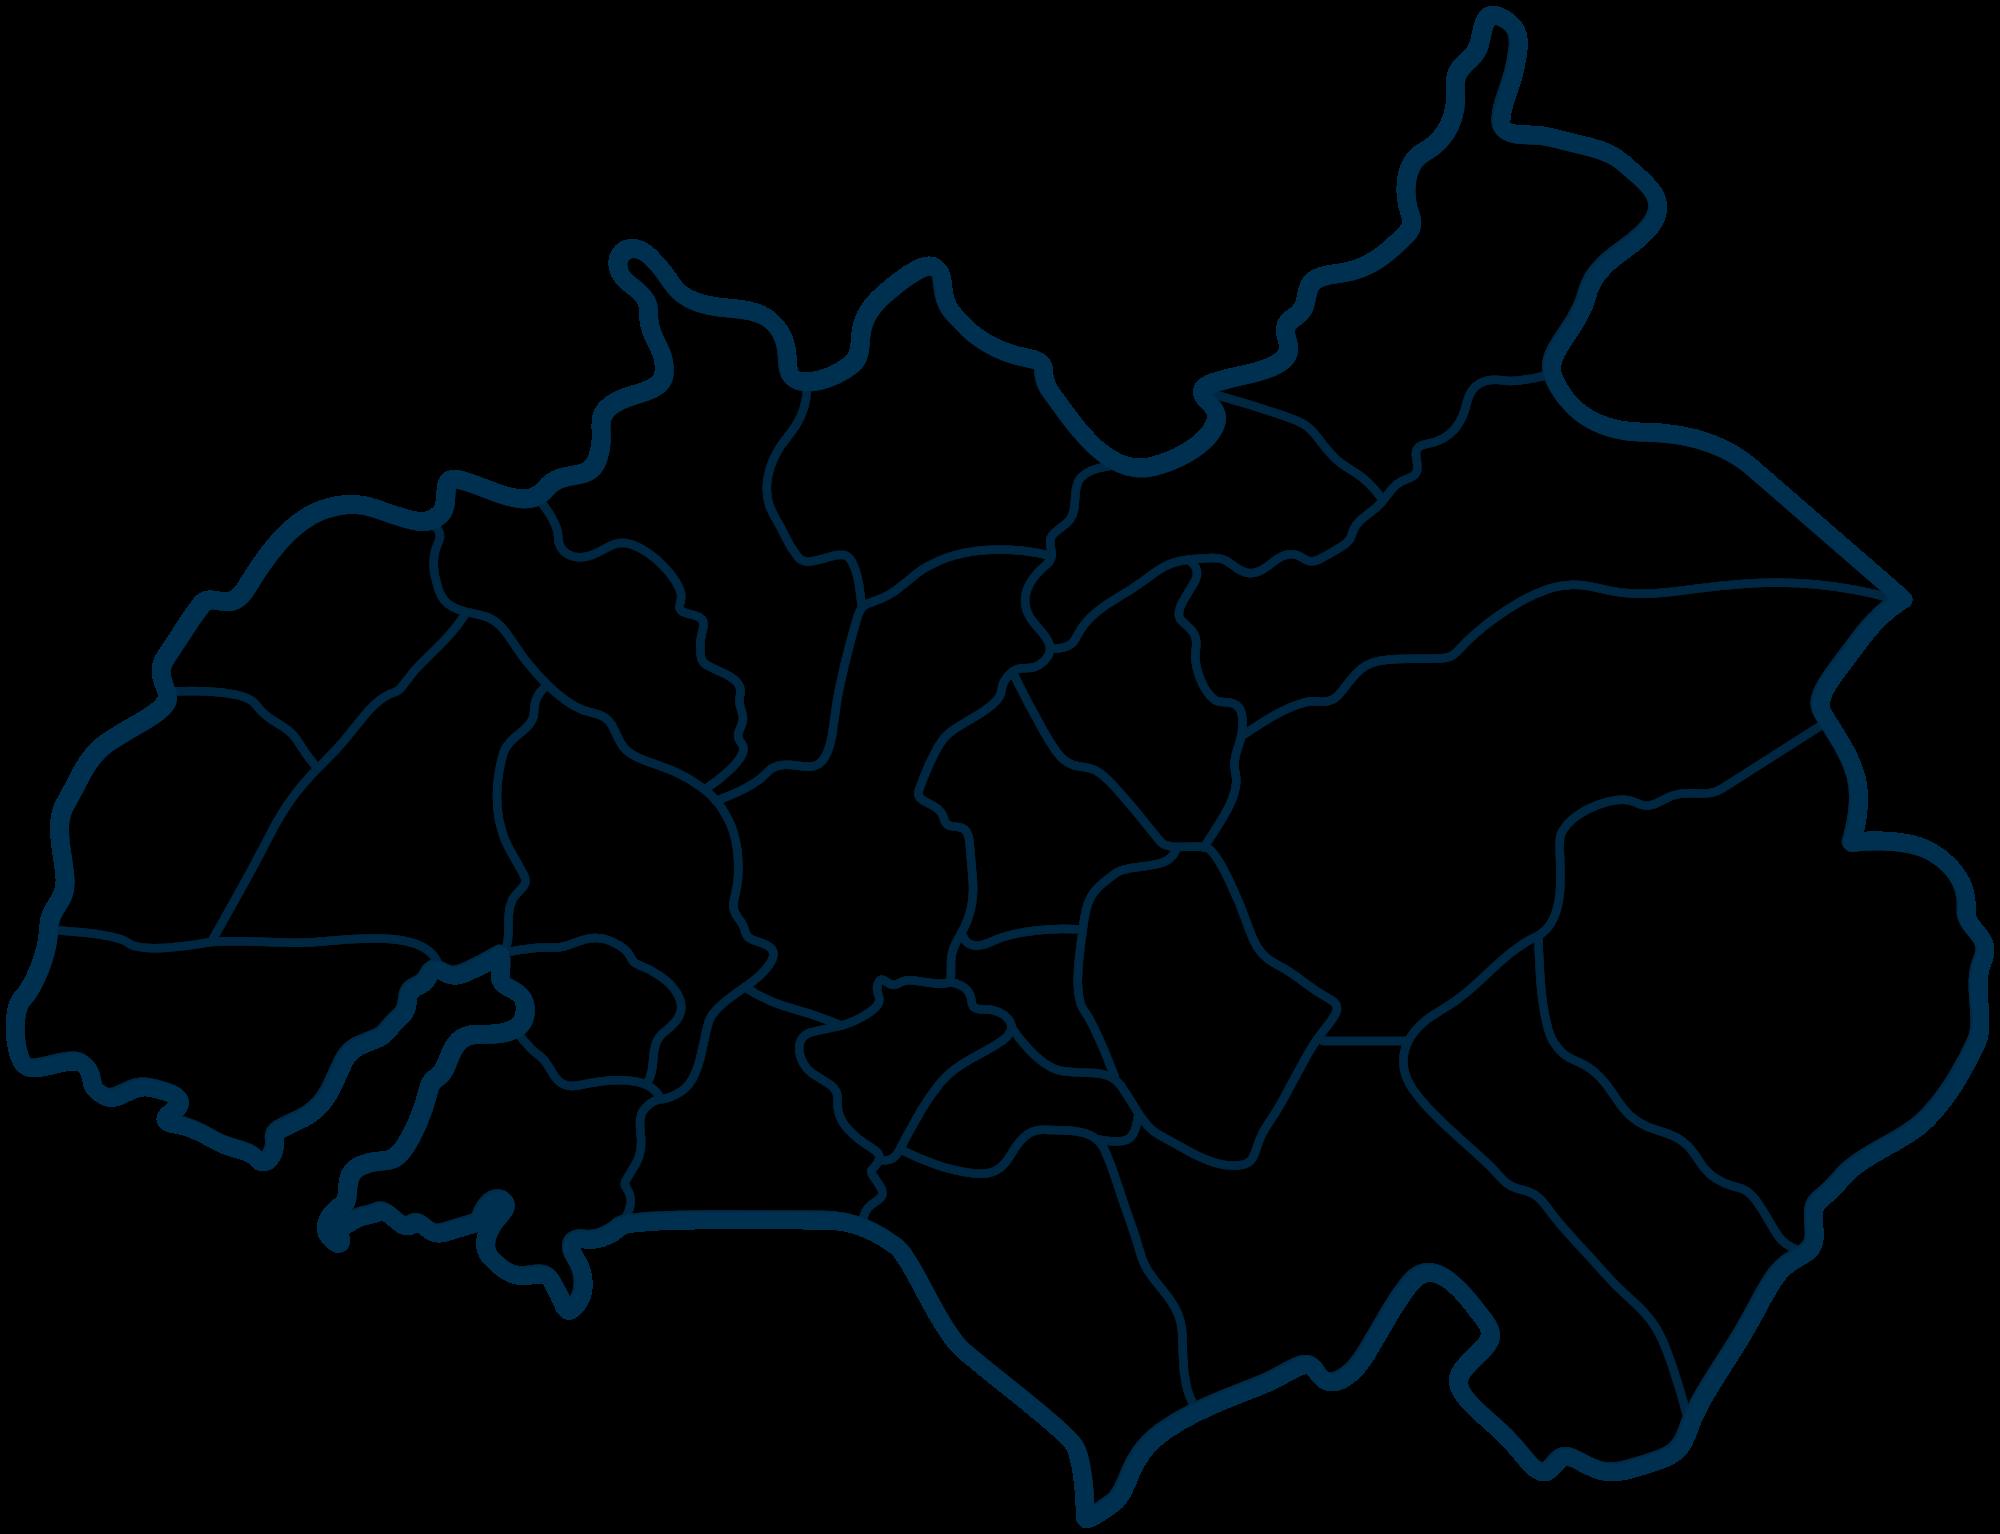 mapa do concelho de amarante Freguesias | Portal do Município de Amarante mapa do concelho de amarante